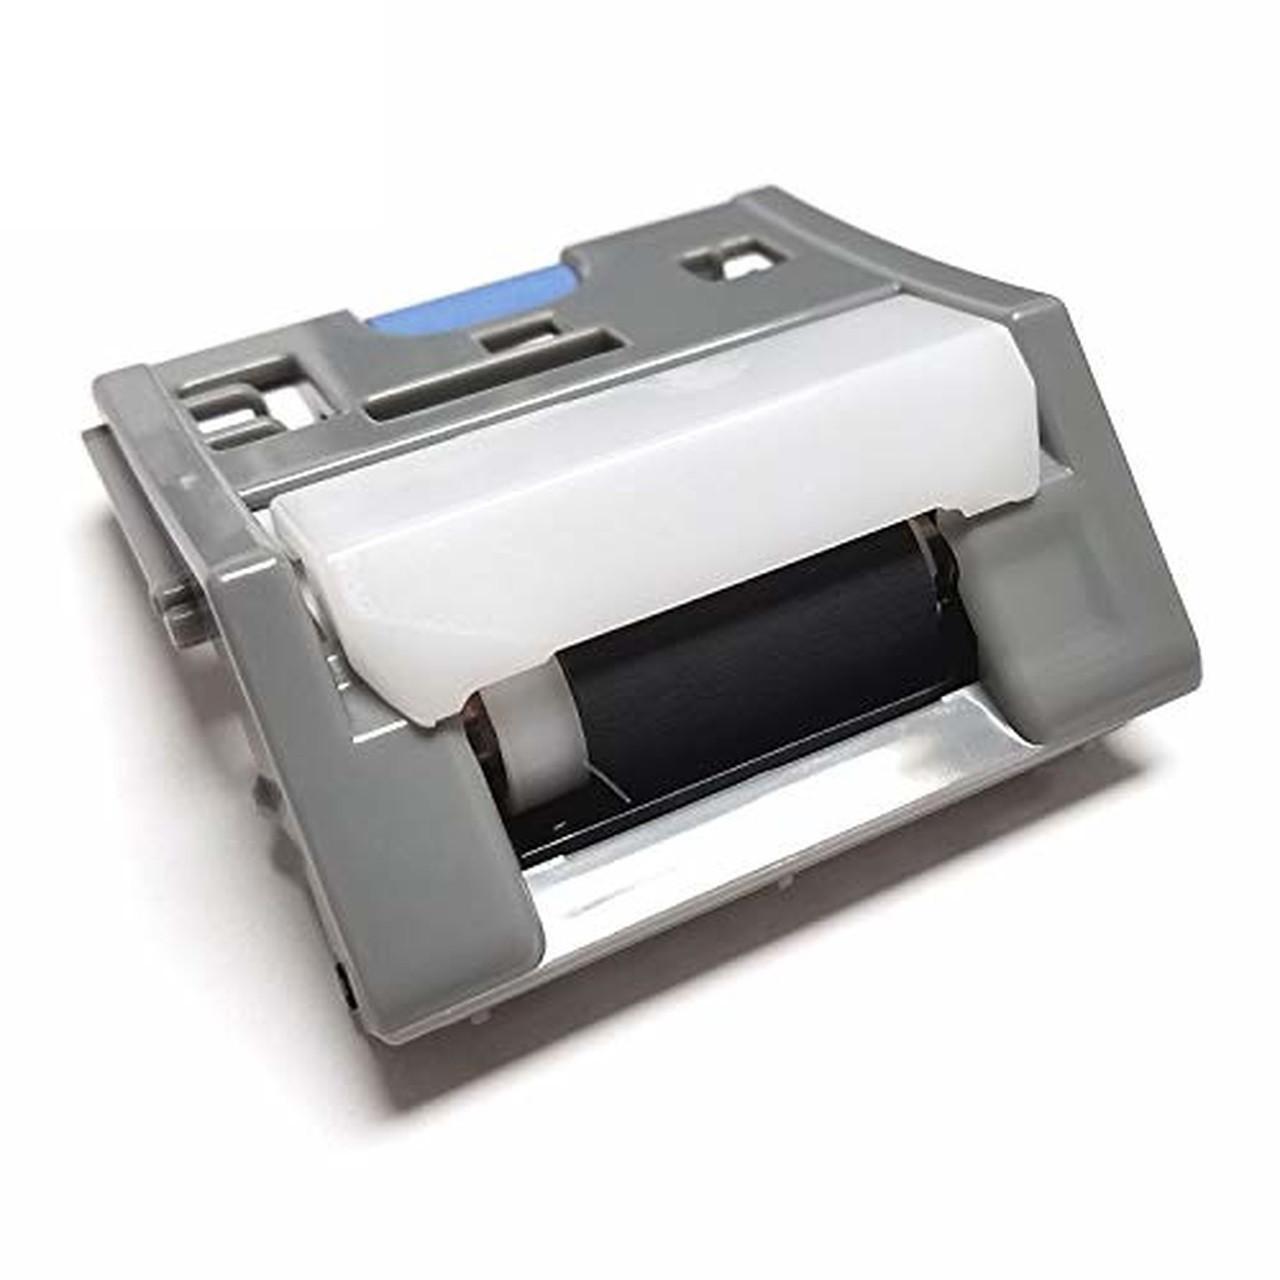 Купить ЗІП для принтерів, копірів, Ролик відділення в зборіАНК for HP LJ Enterprise M552/553/577 (RM2-0064), 3203332, AHK